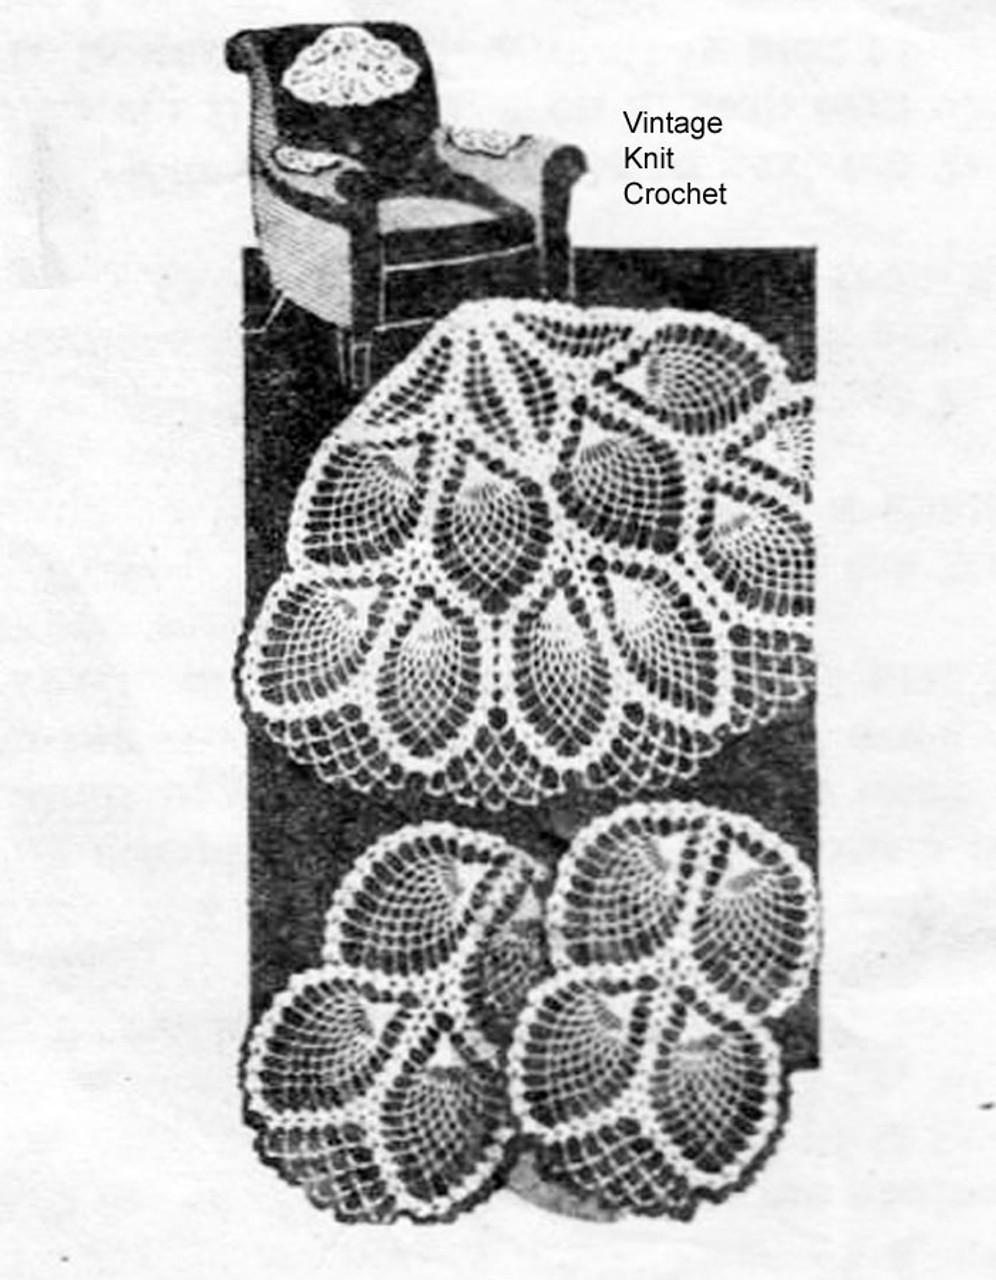 Vintage Crochet Pineapple Doily Set, Laura Wheeler 685